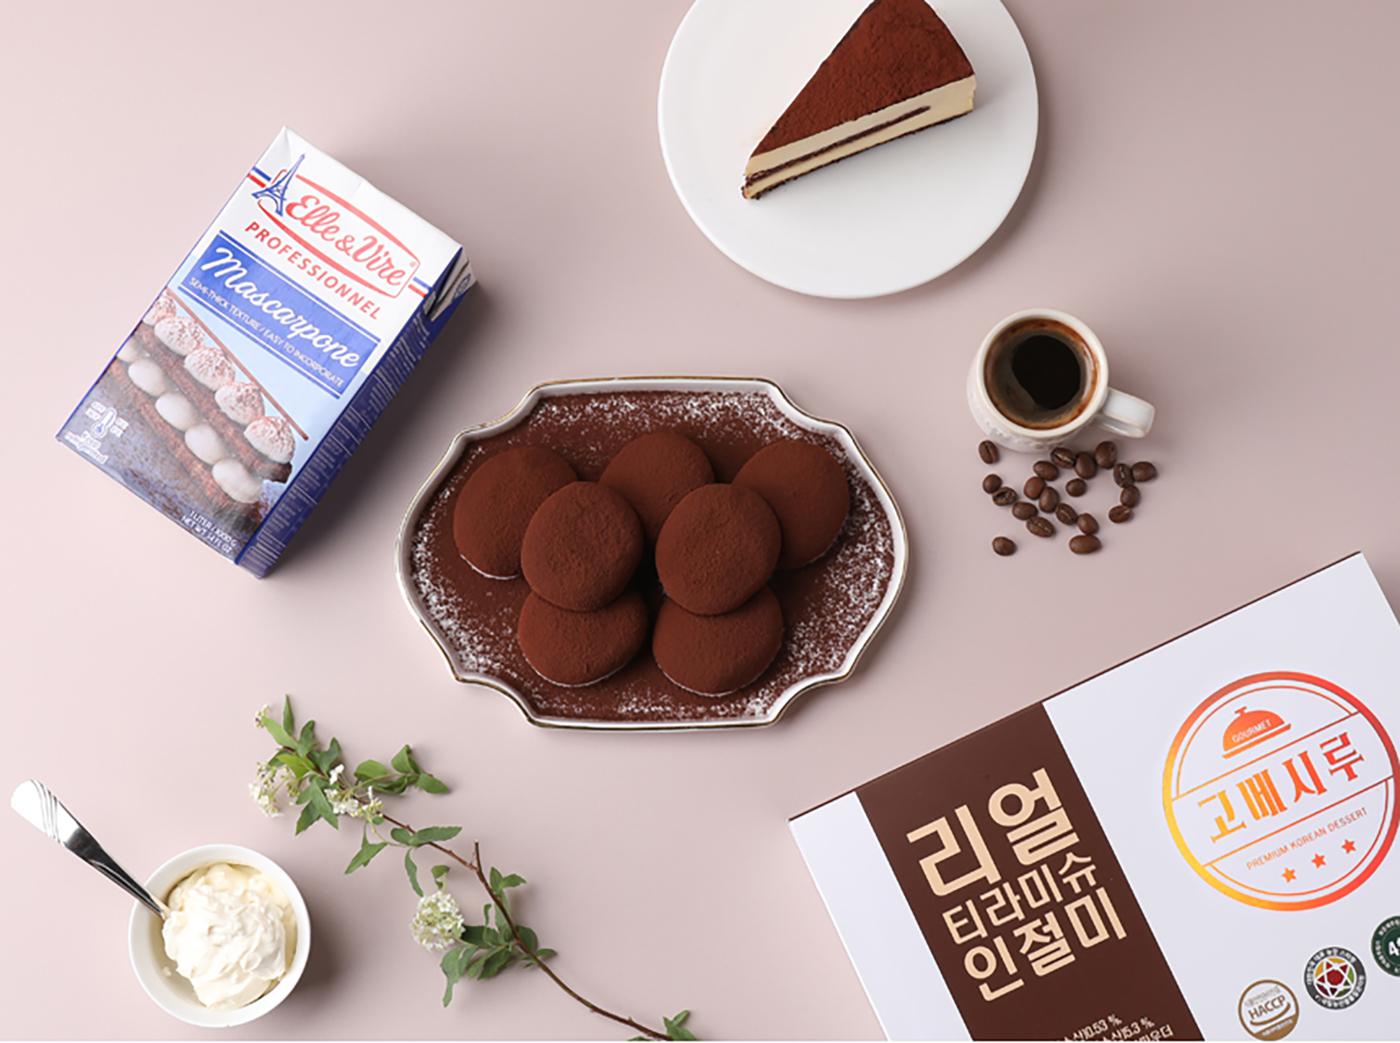 굳지 않는 리얼 티라미슈 인절미 모찌 찹쌀떡 (15입) 상세이미지2